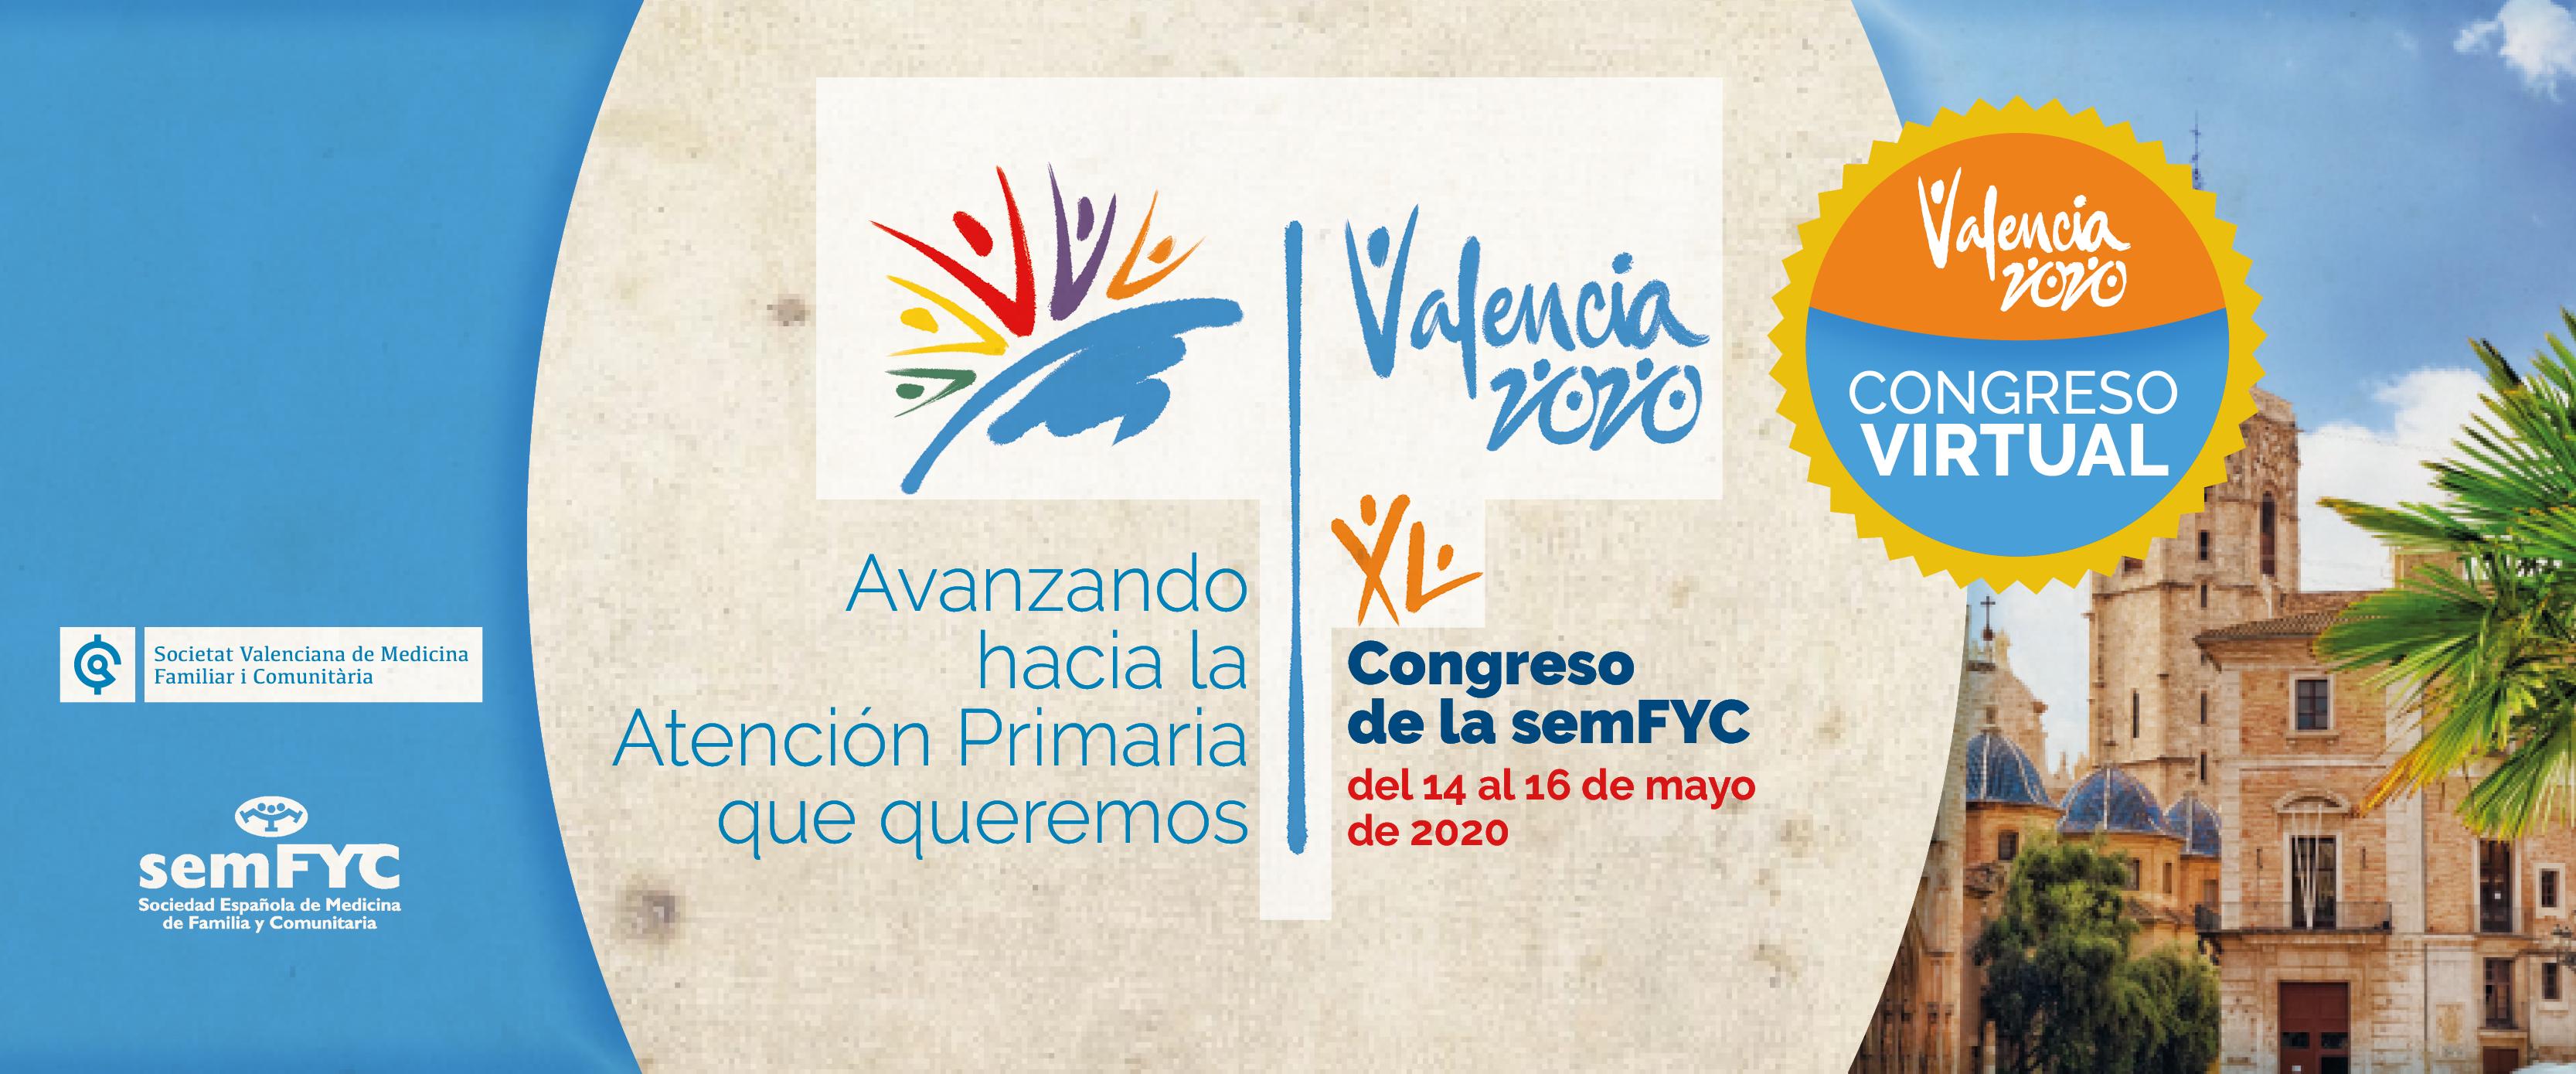 Banner_valencia semfyc congreso virtual